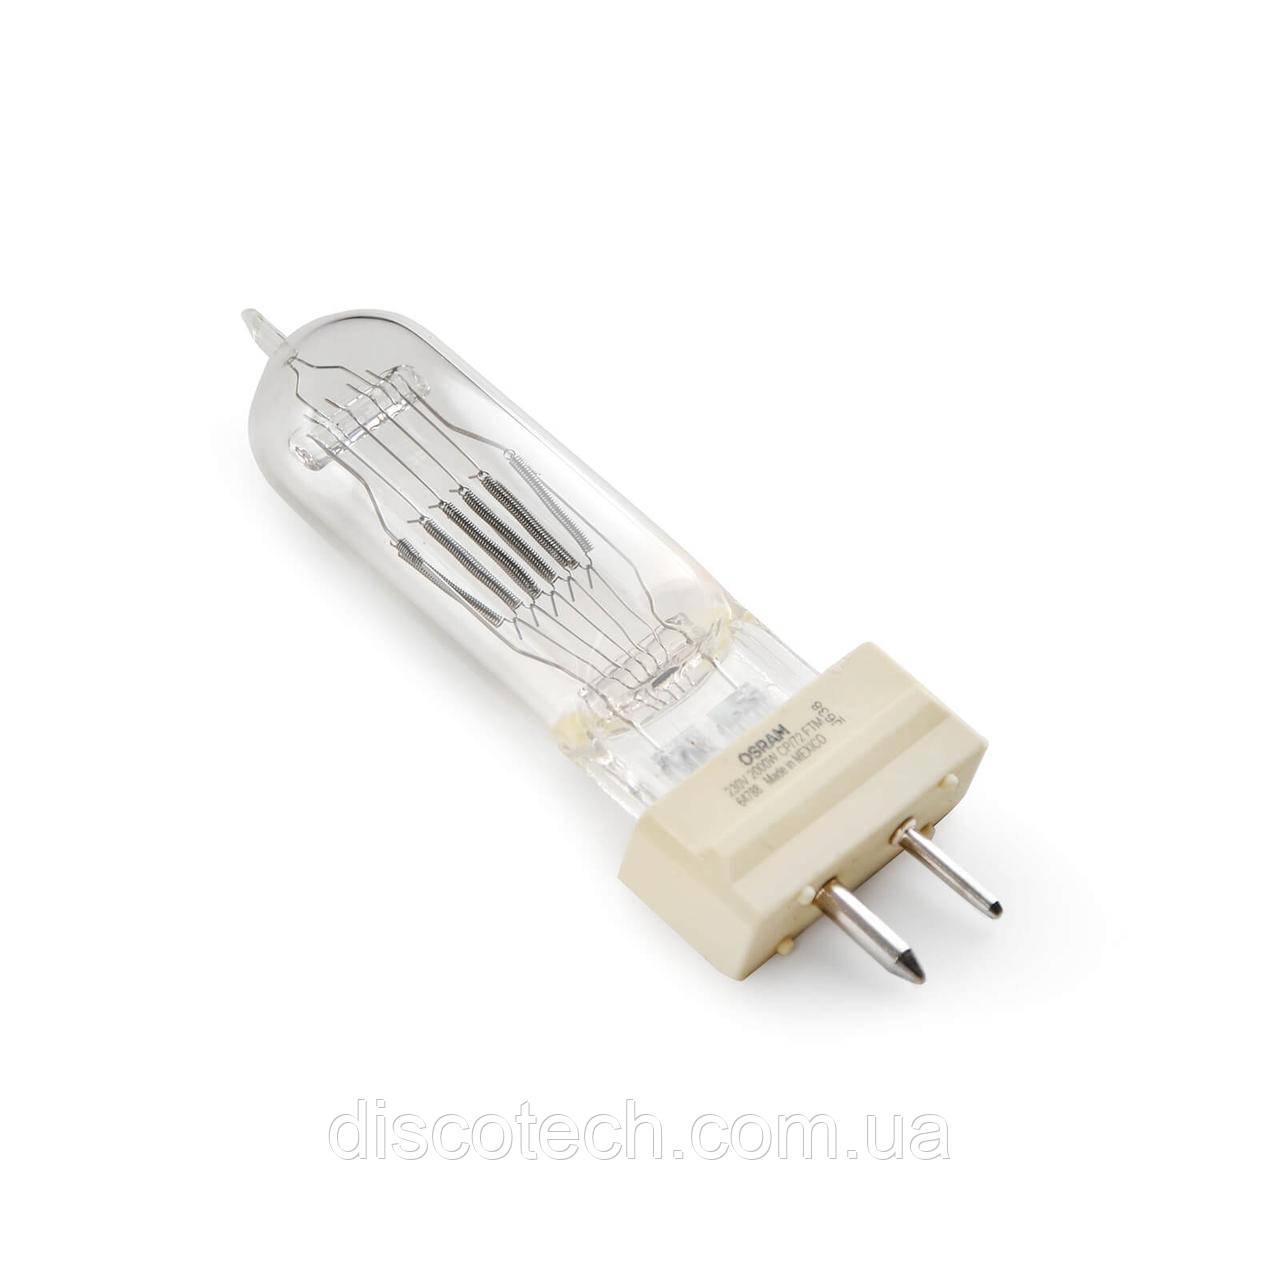 Лампа галогенная, 2000W/240V Osram 64788 CP/72